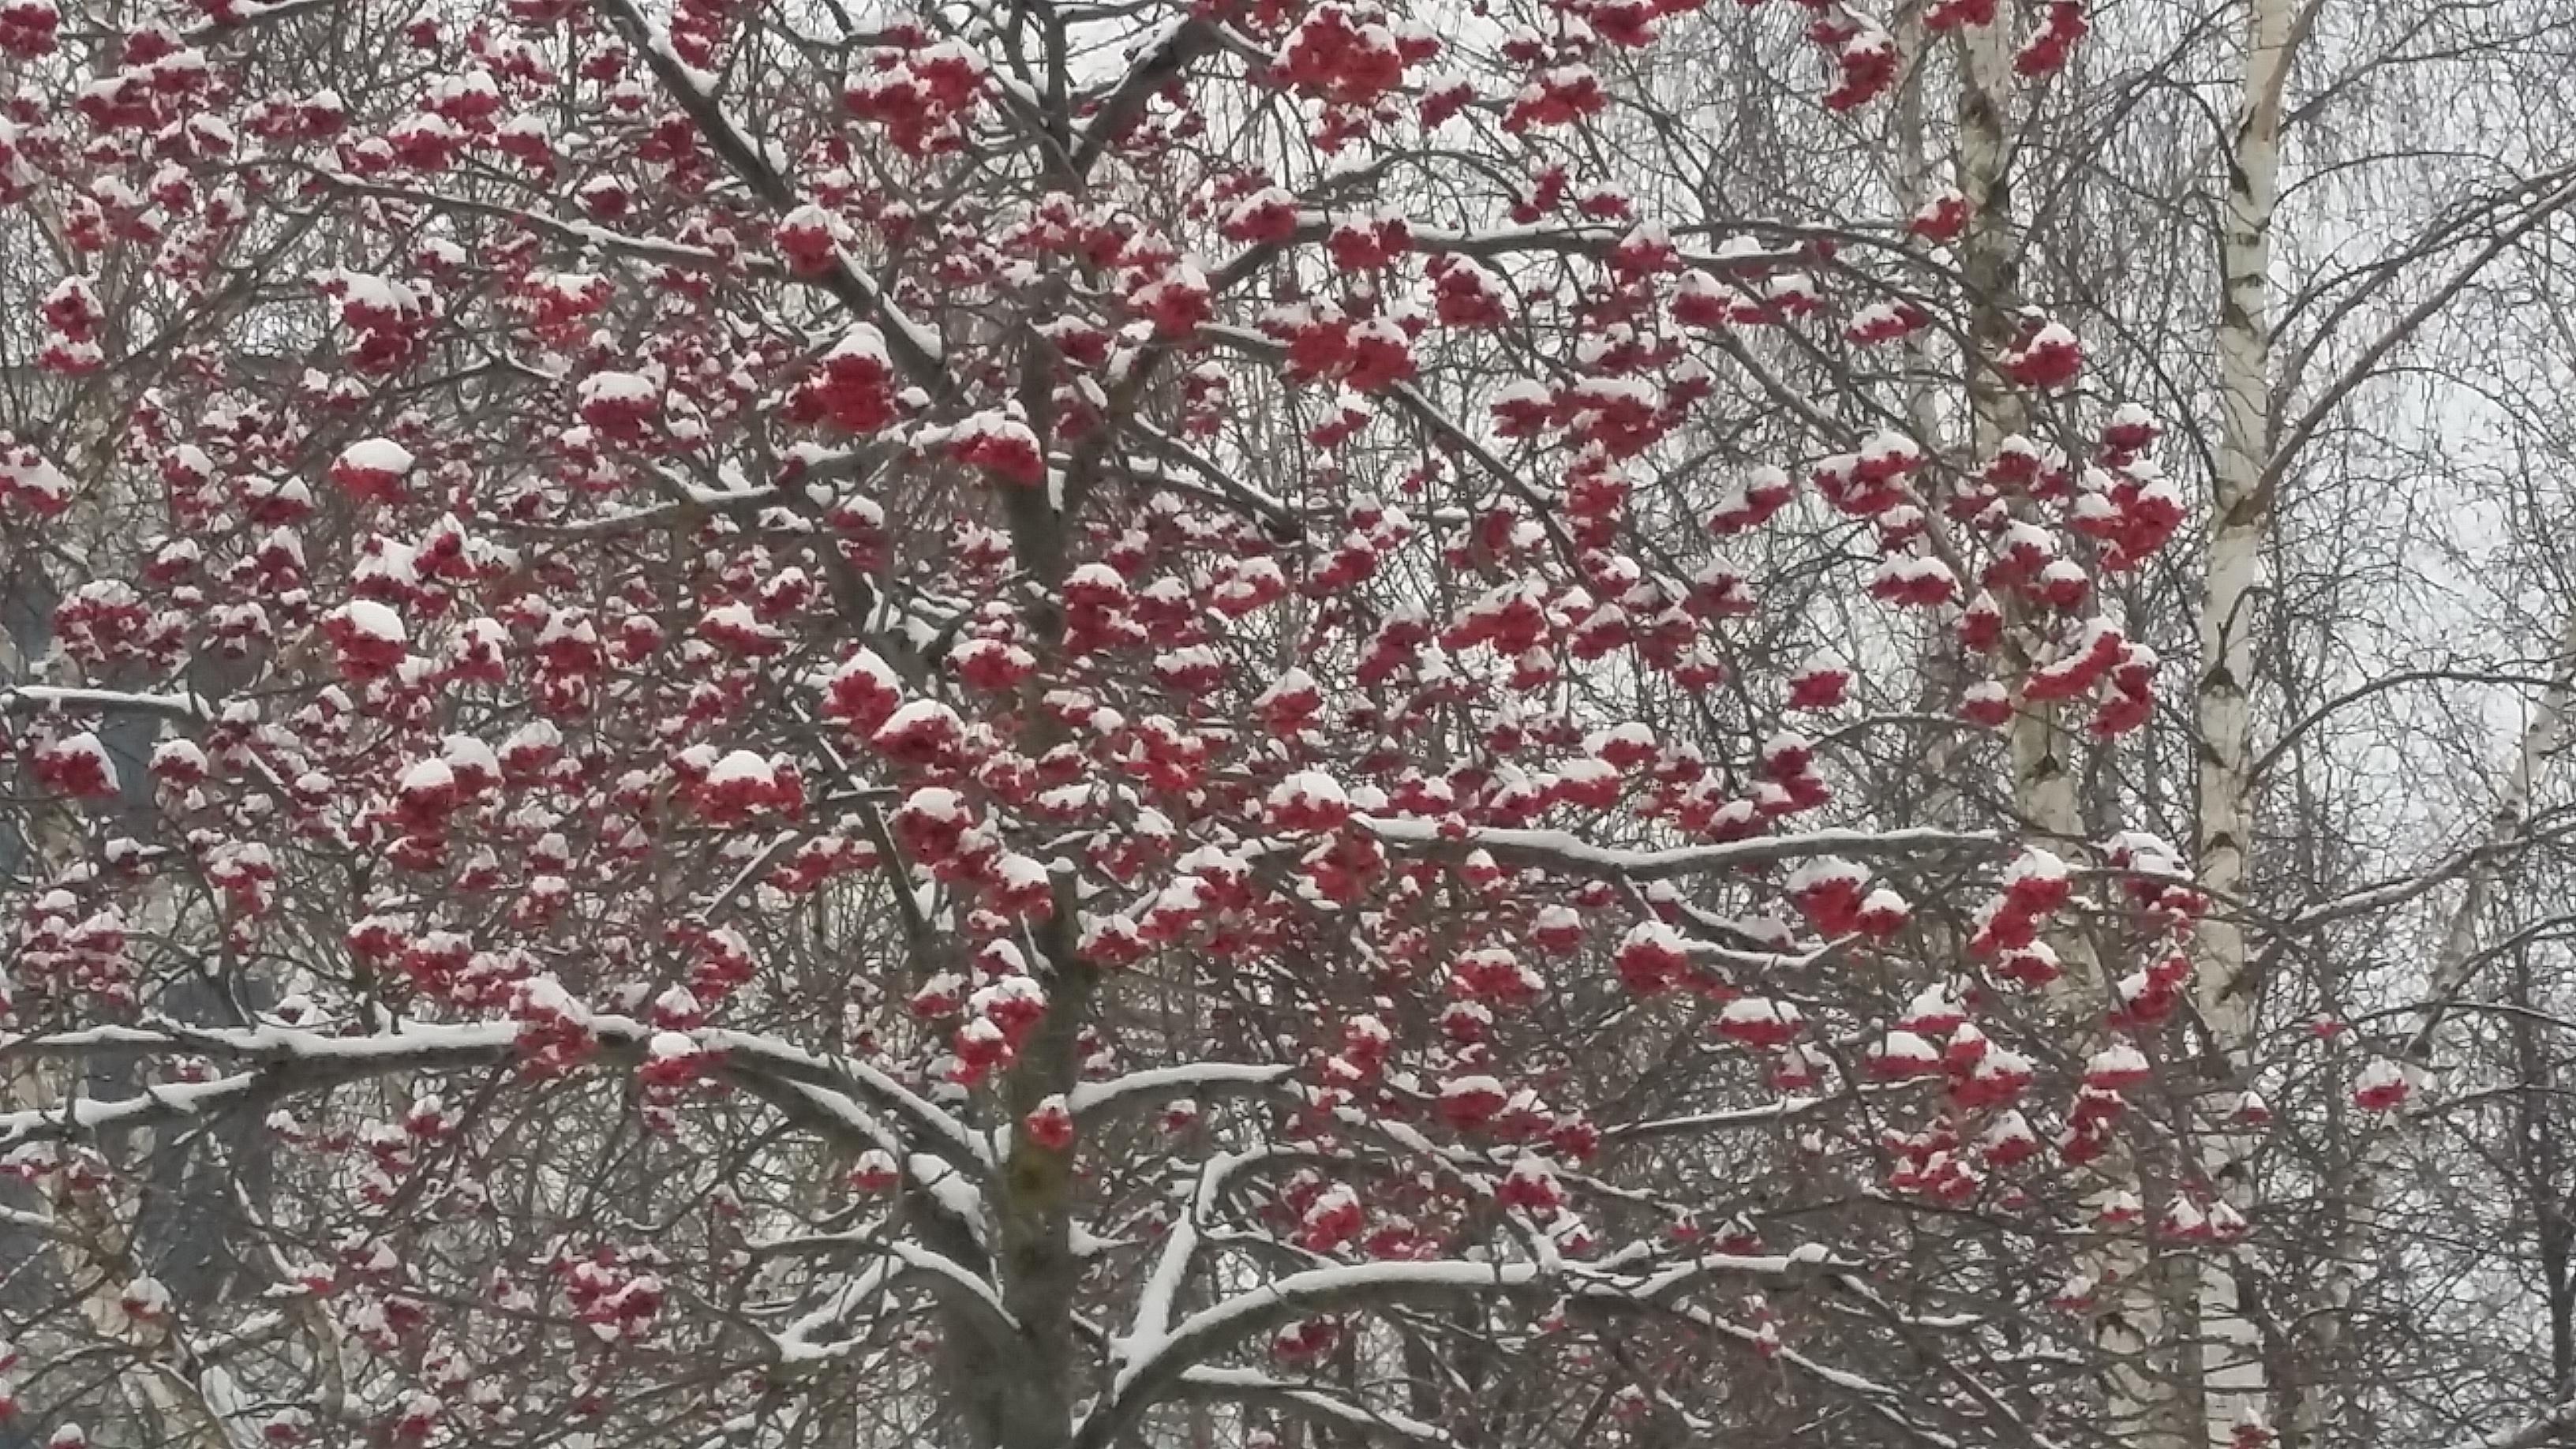 Winter berries - Have fun! Wallpaper